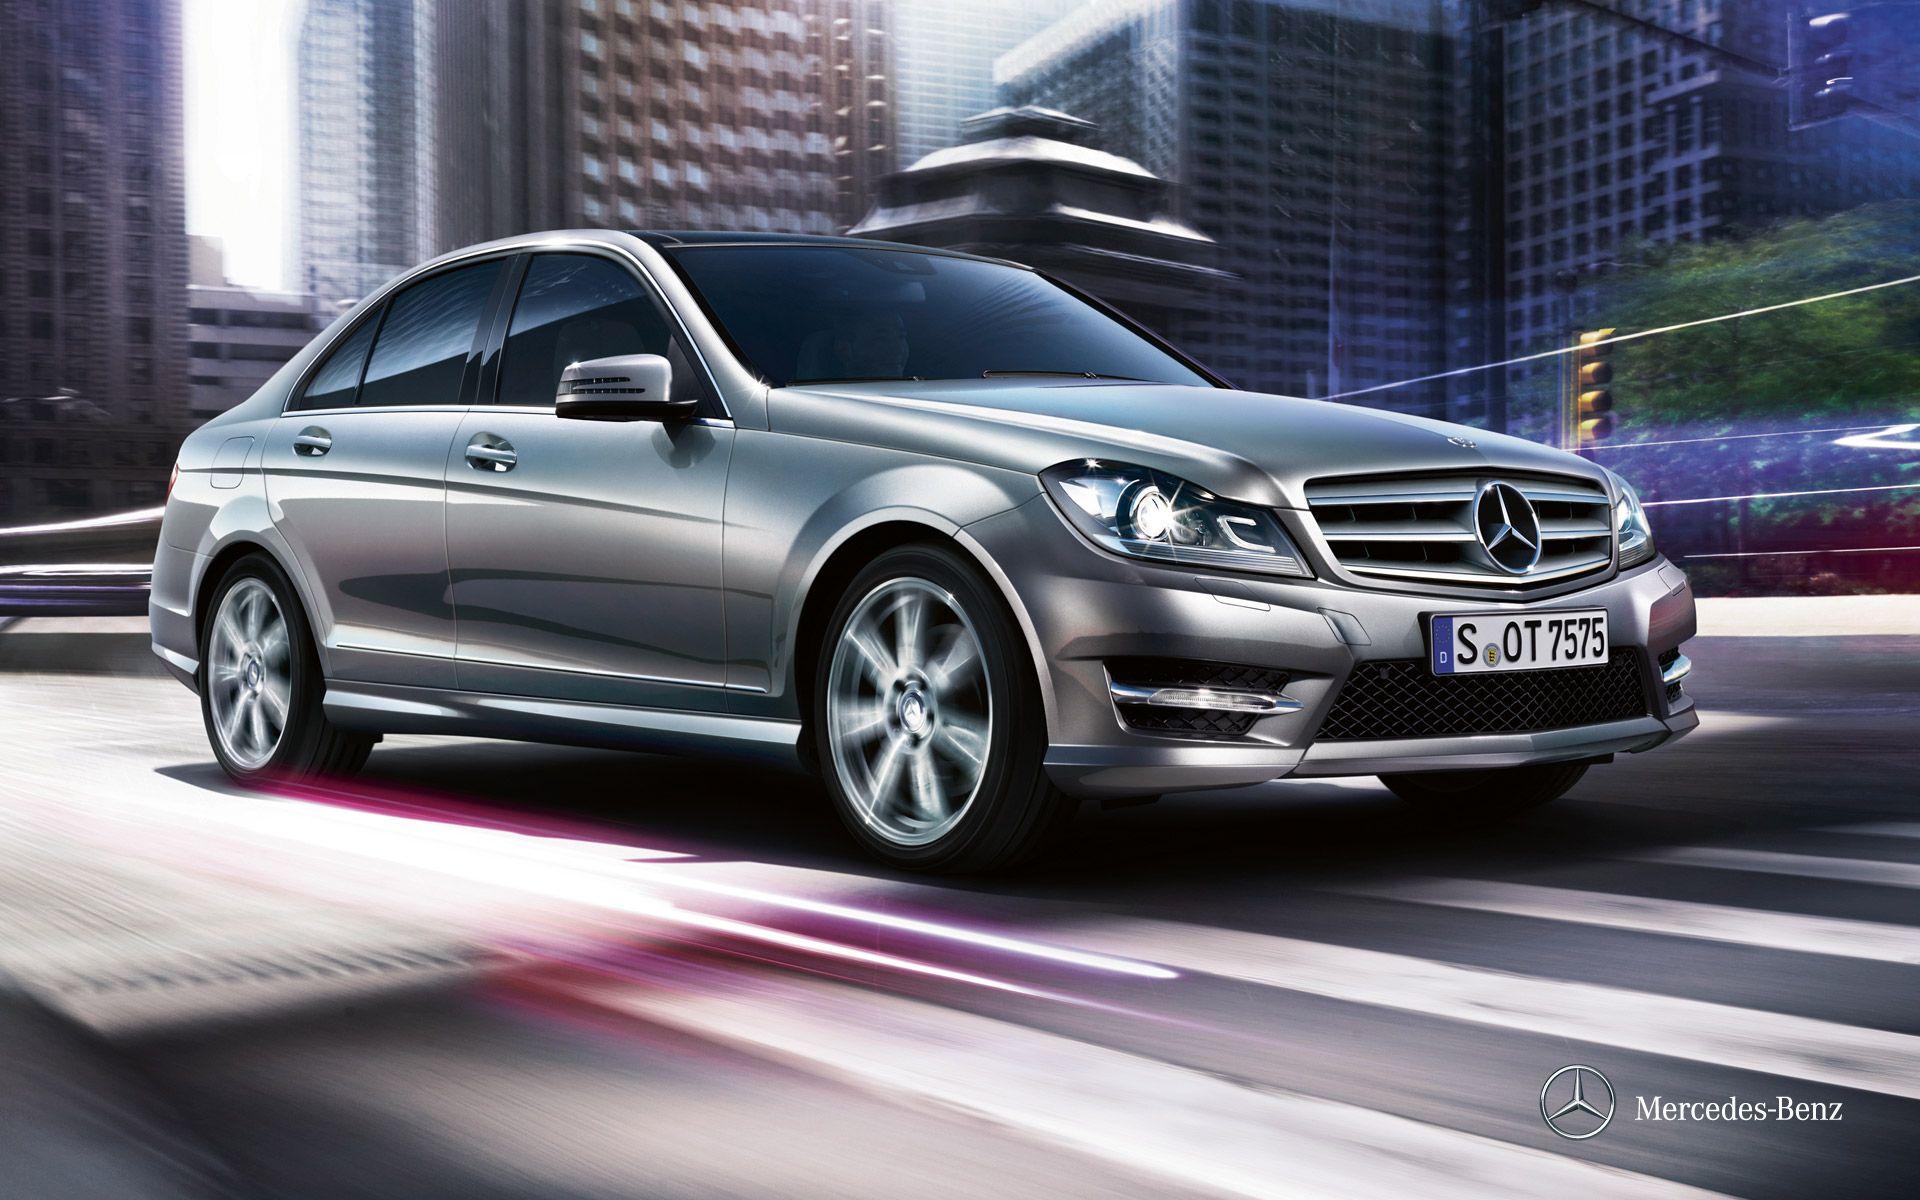 mercedes-benz c-class sedan. fuel consumption combined: 12,0-4,1 l